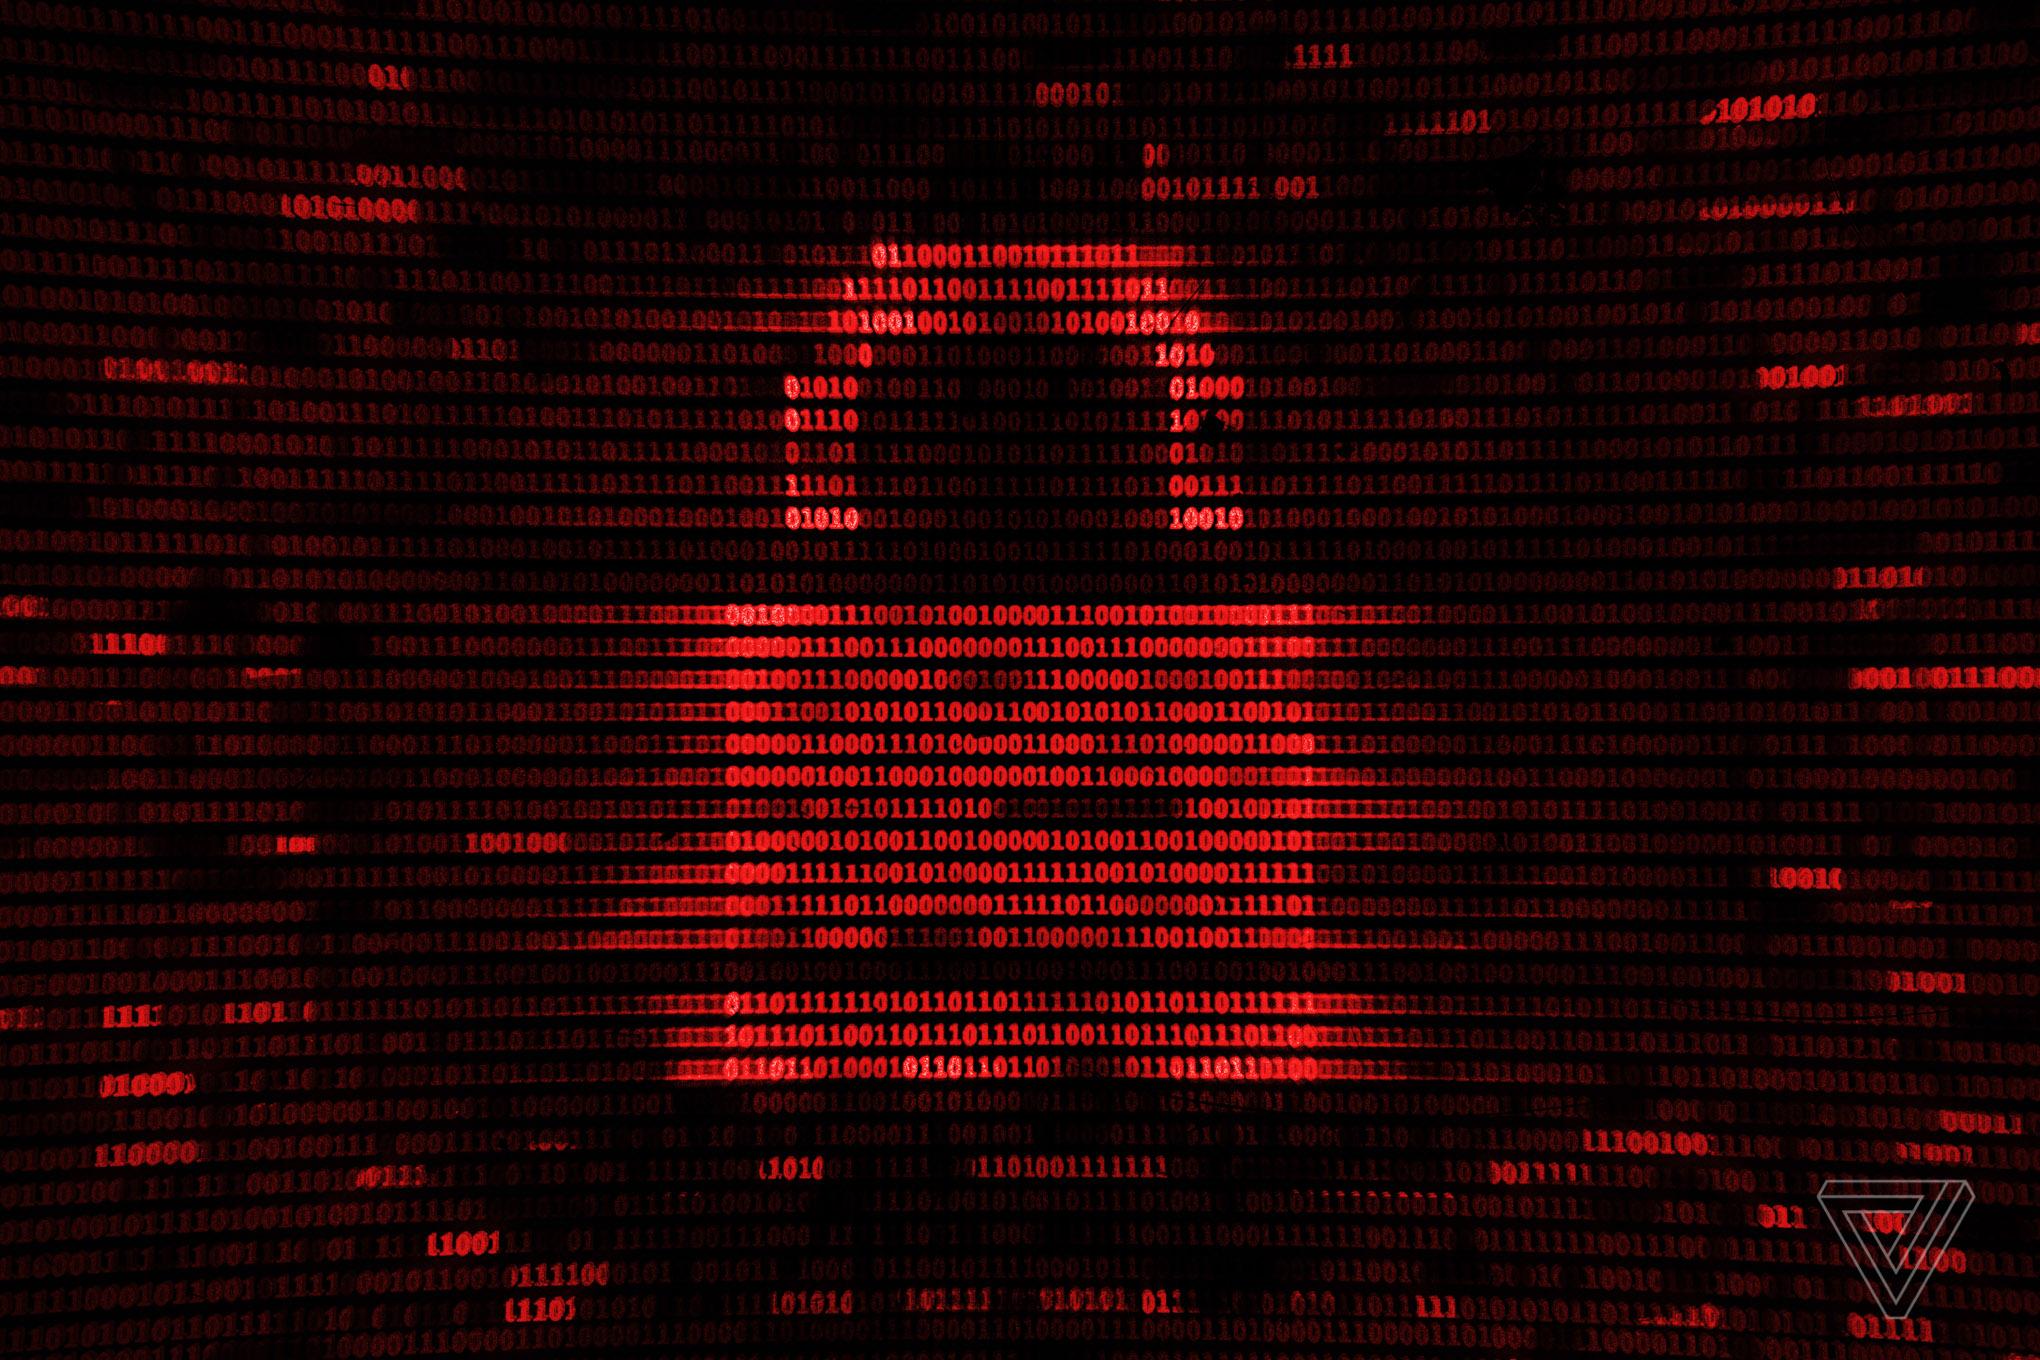 Опять 25: Microsoft предупреждает об «изощренной» кибератаке на государственные учреждения, вероятно инициированной Россией - ITC.ua